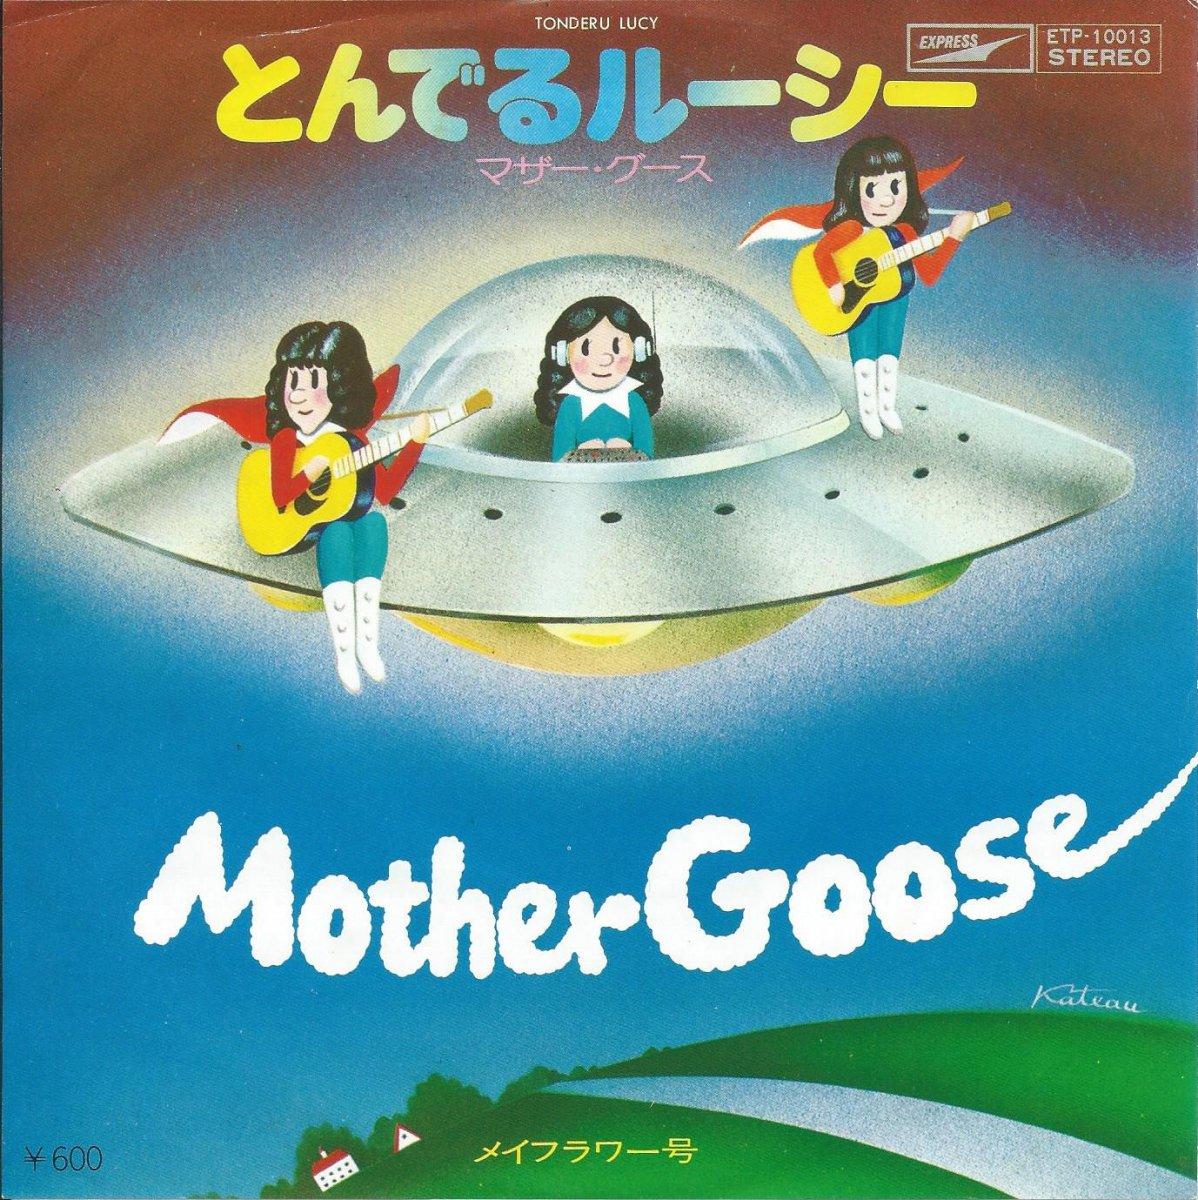 マザー・グース MOTHER GOOSE / とんでるルーシー TONDERU LUCY / メイフラワー号 (7